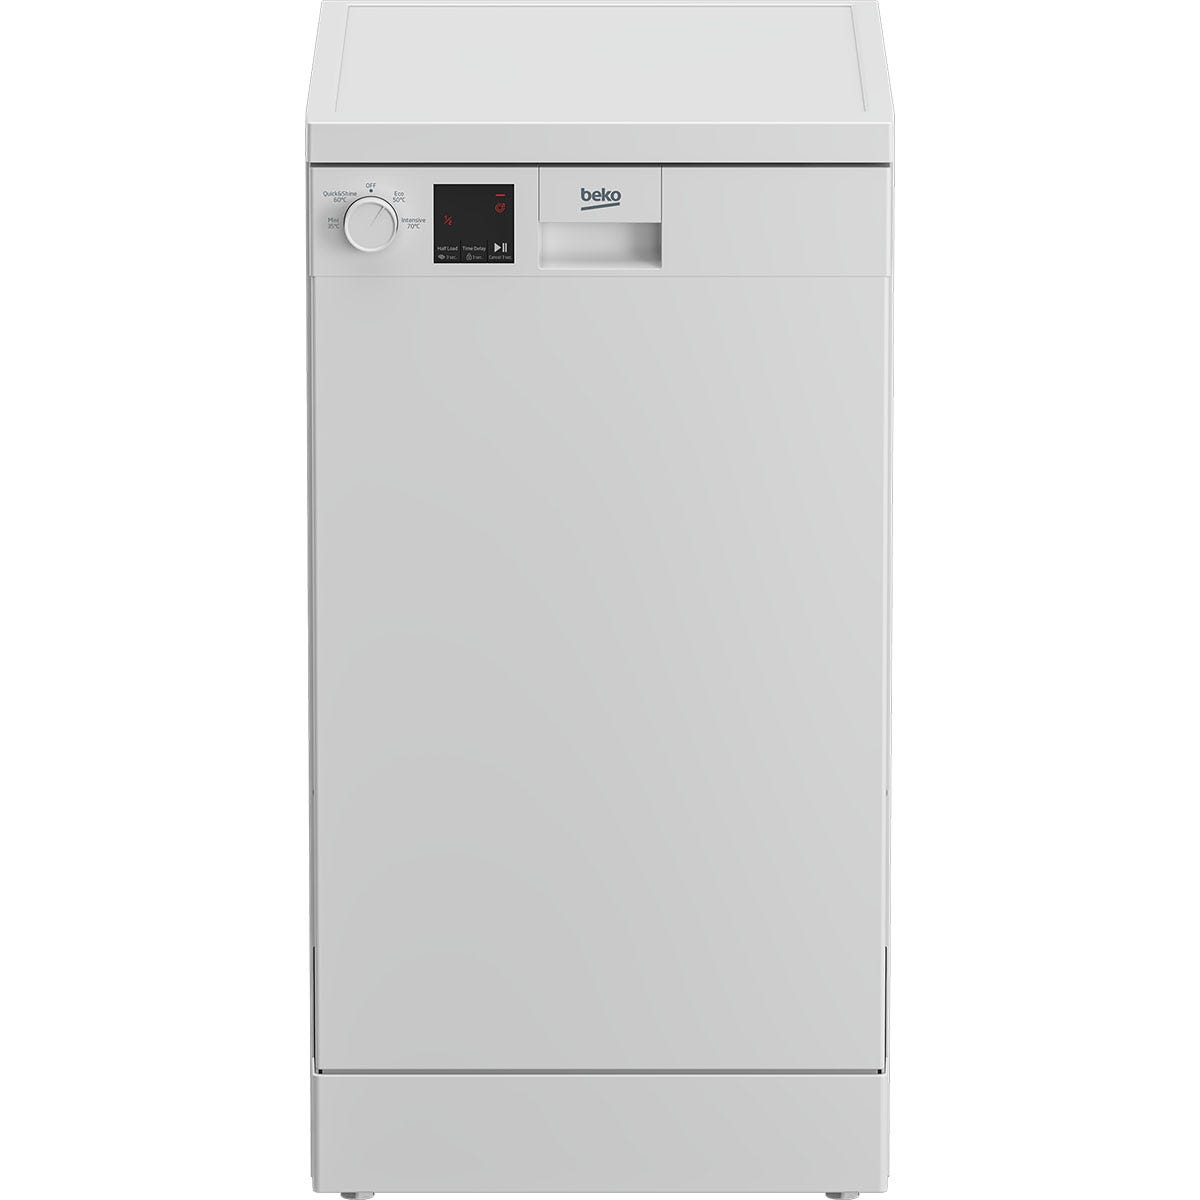 Beko DVN04020W 10-Place Setting Freestanding Slimline Dishwasher - White